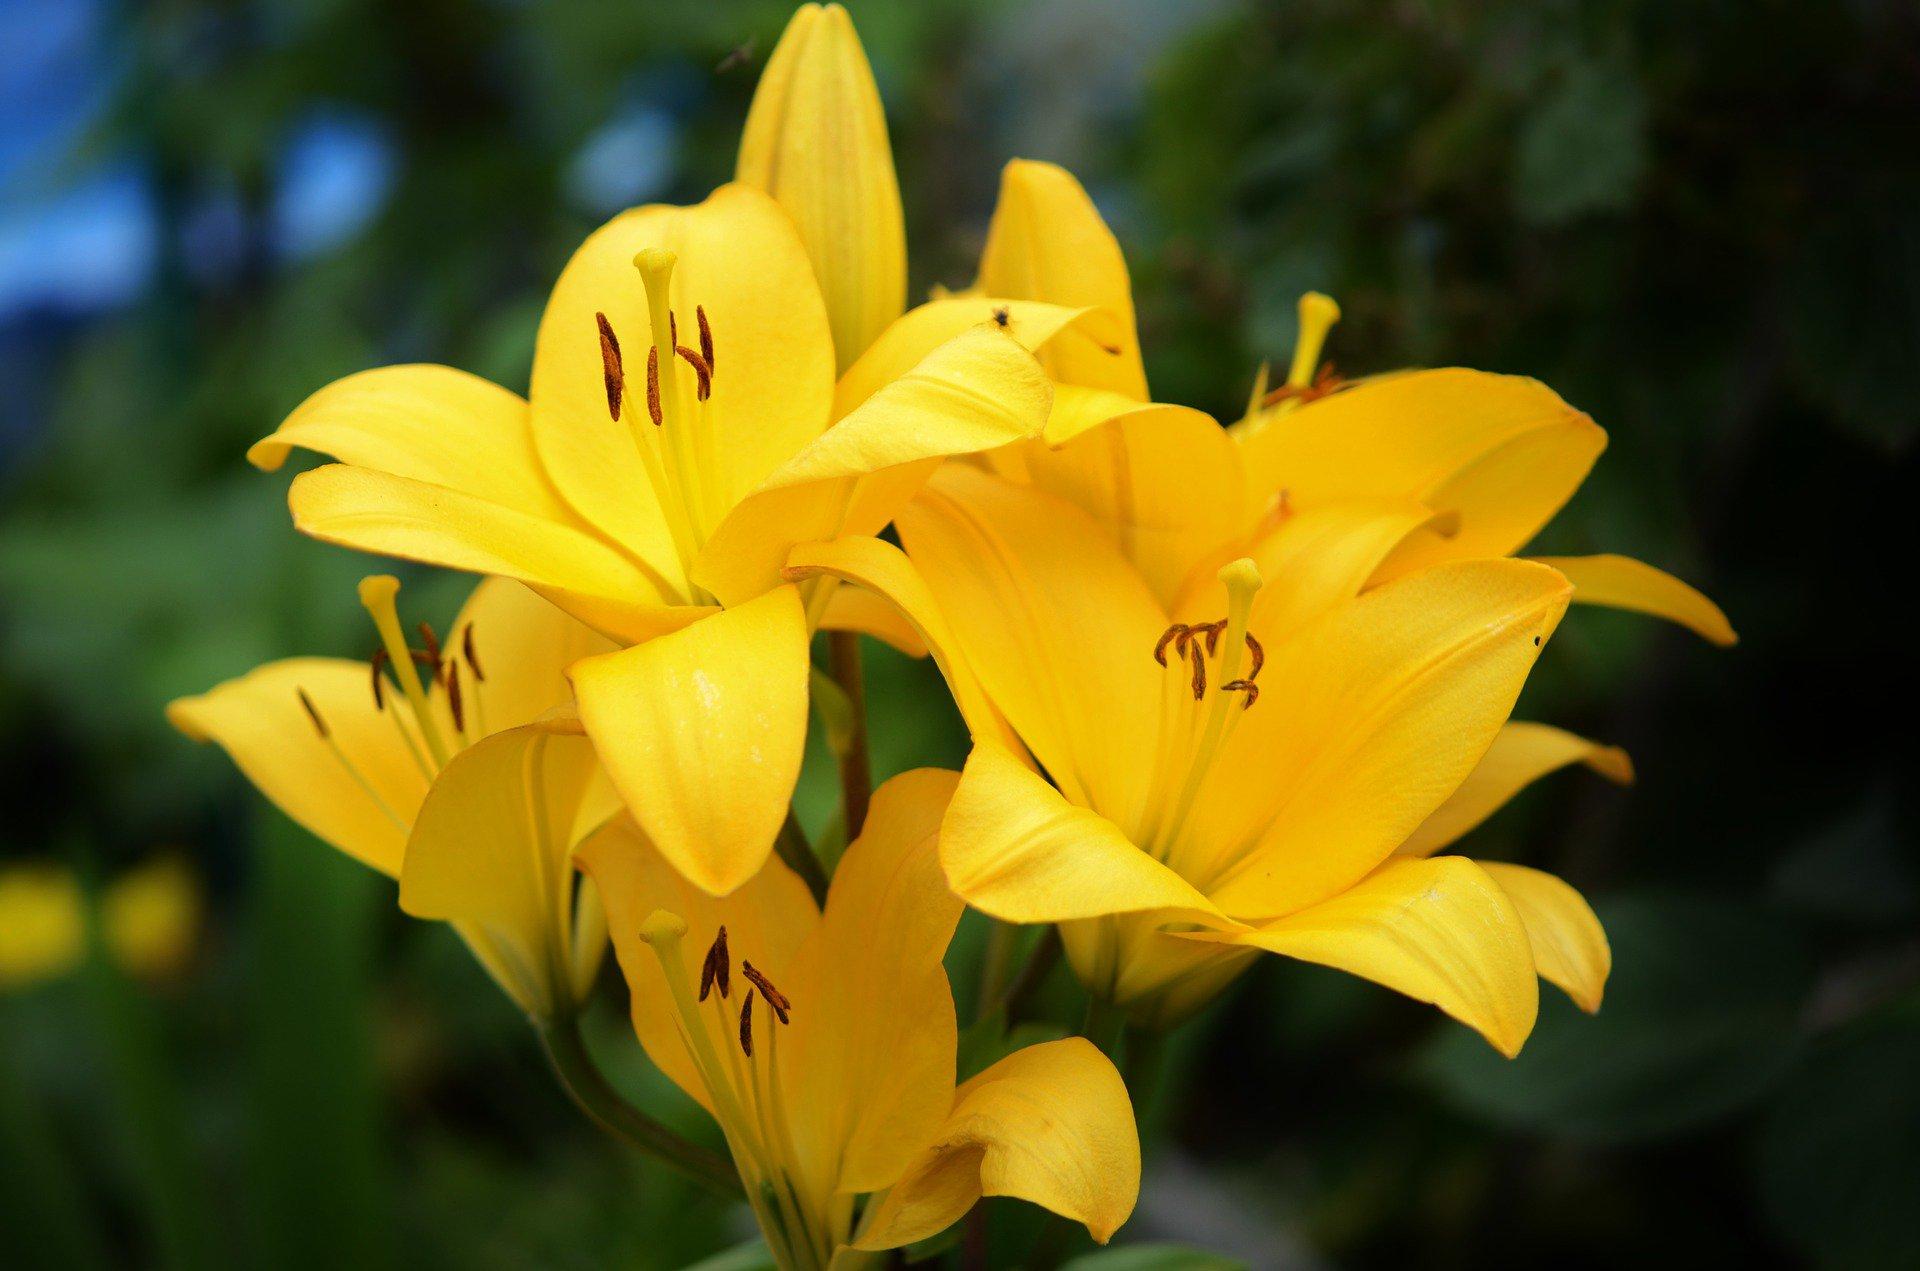 lirios-amarelos